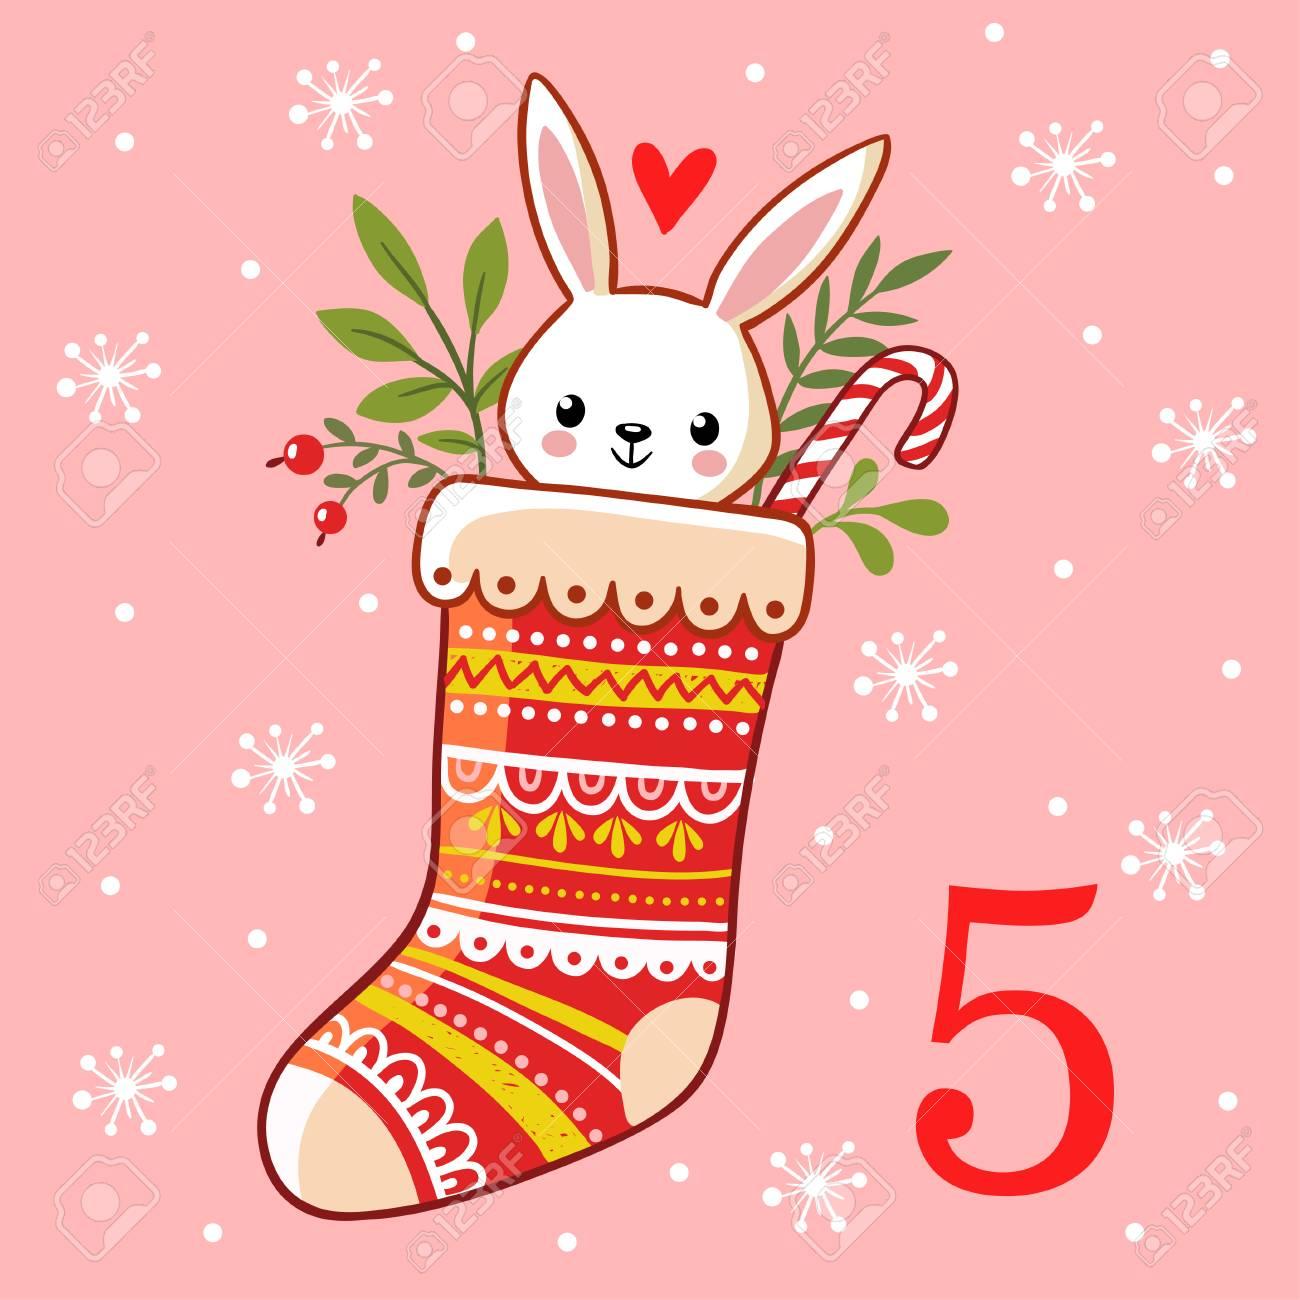 Calendario Di Avvento Per Bambini.Vector Calendario Di Avvento Di Natale In Stile Bambini La Lepre E Seduta In Un Calzino Di Natale Illustrazione Con Un Coniglio Sveglio